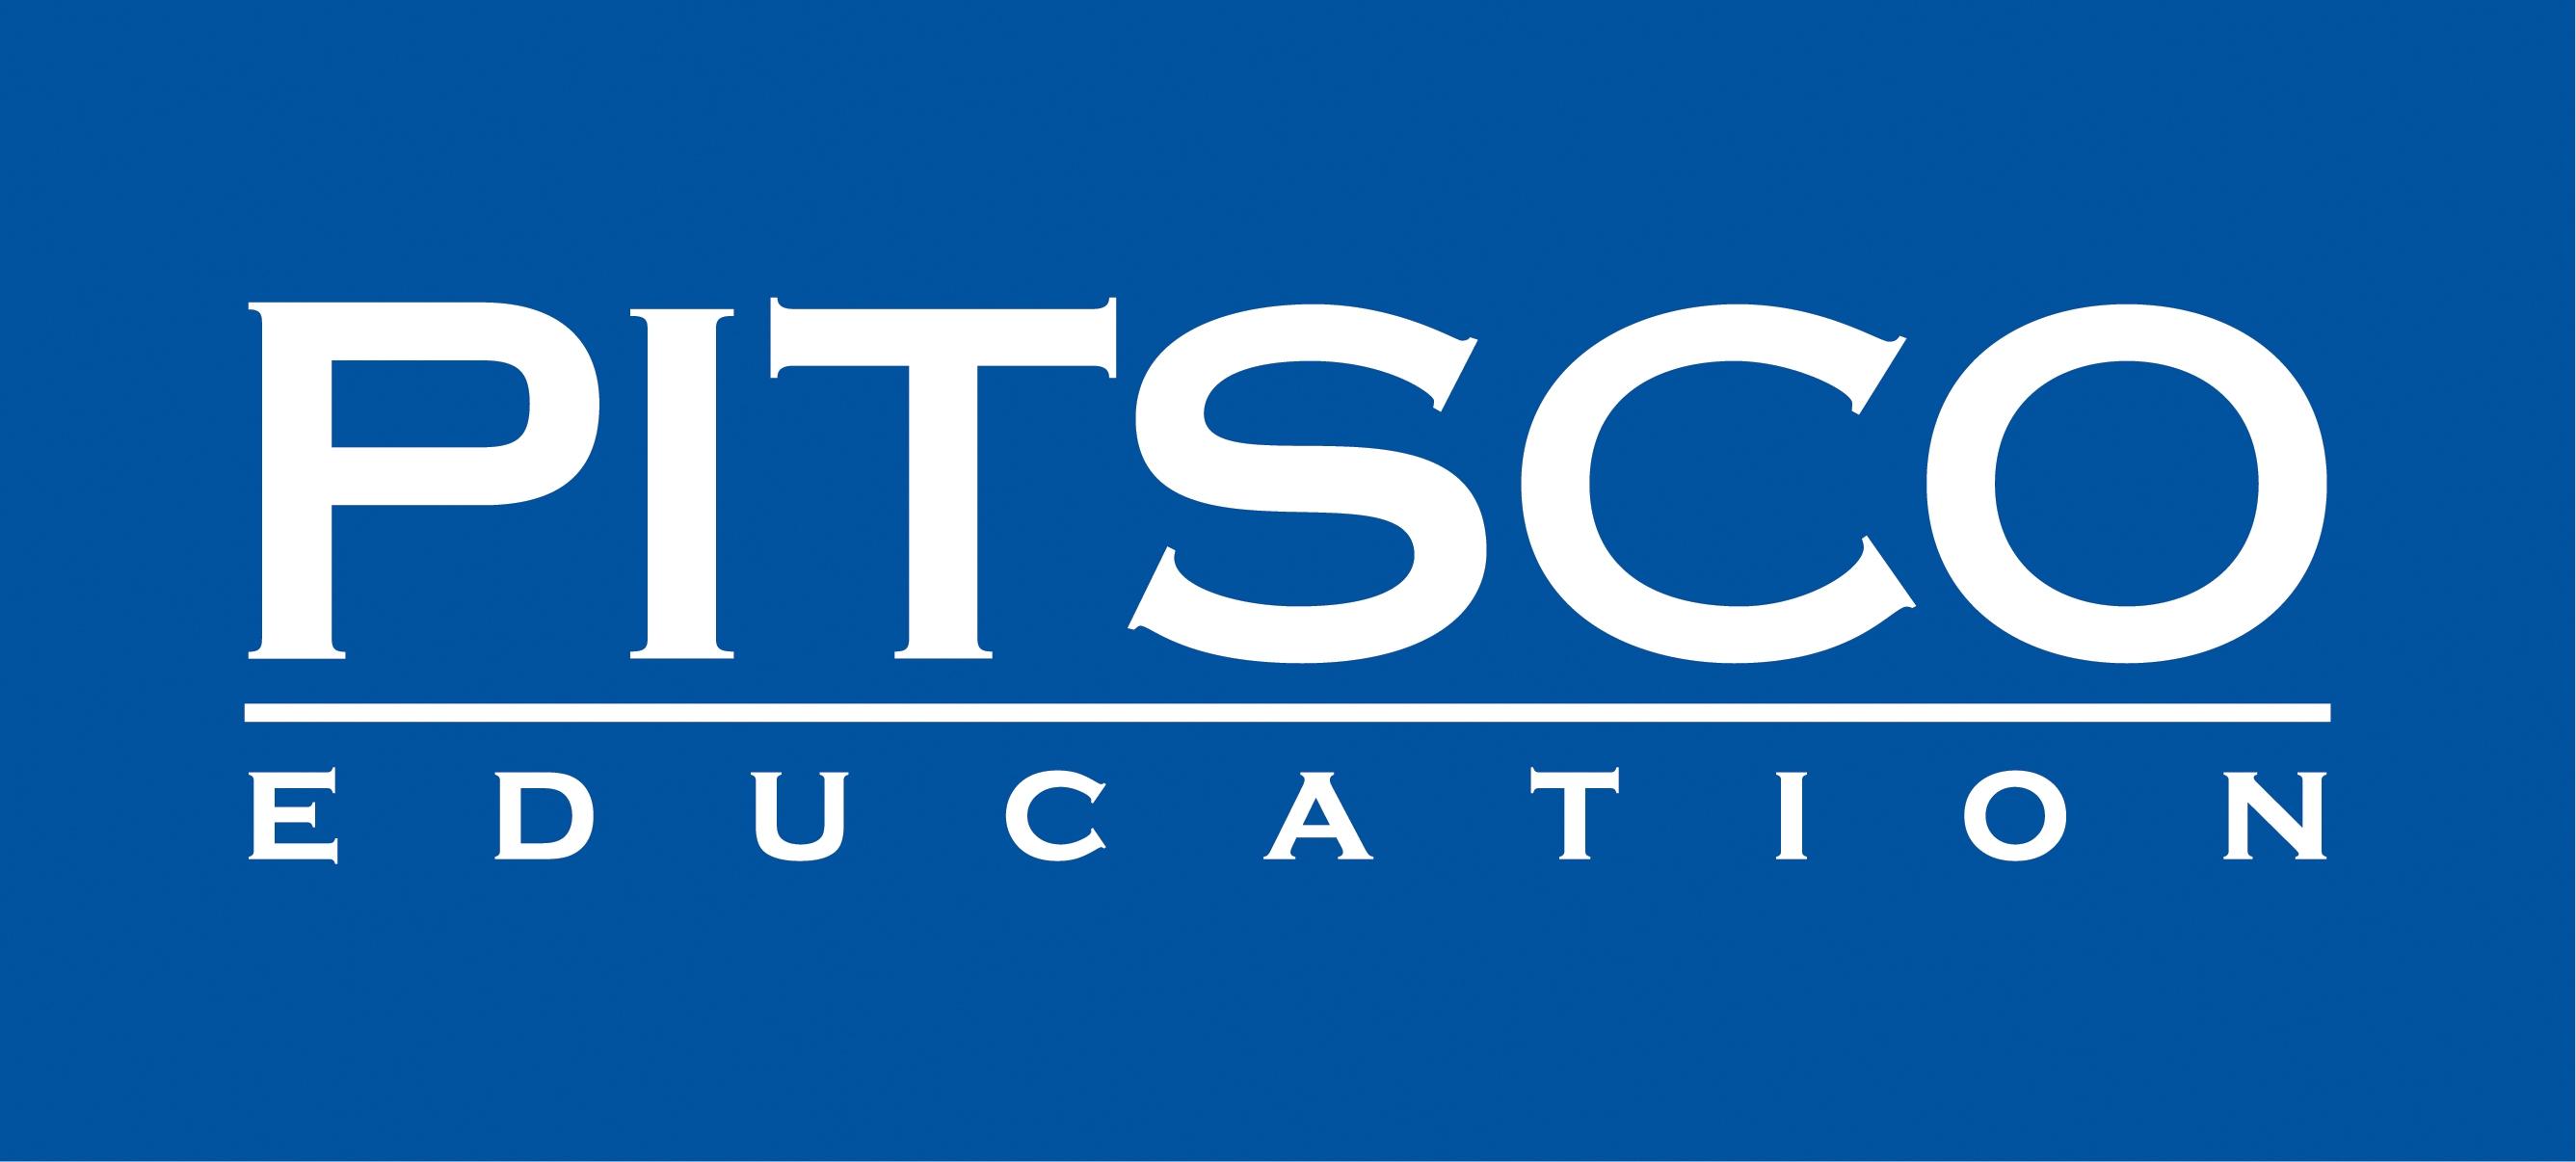 Pitsco Education Catalog logo